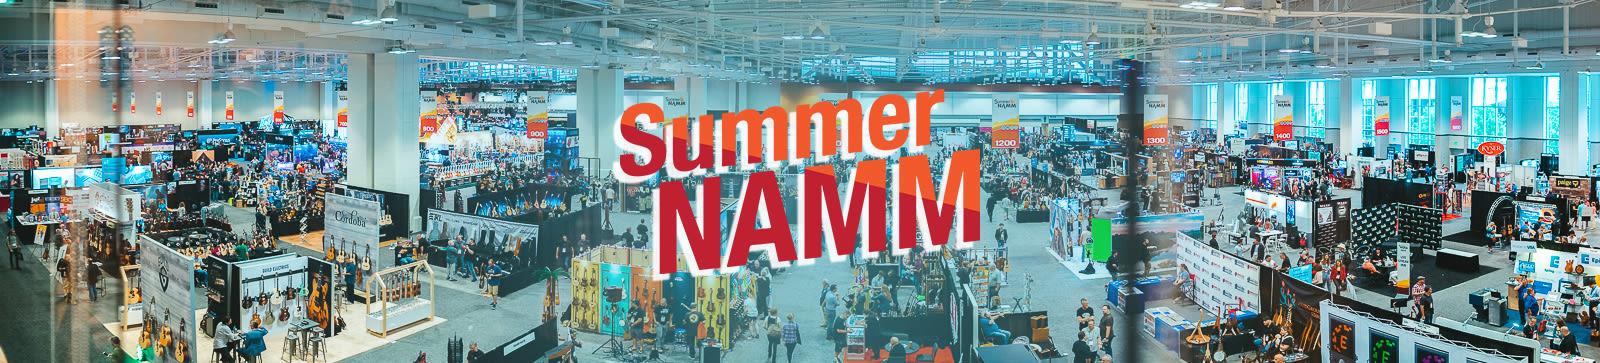 Summer Namm 2019 Chicago Music Exchange Highlights